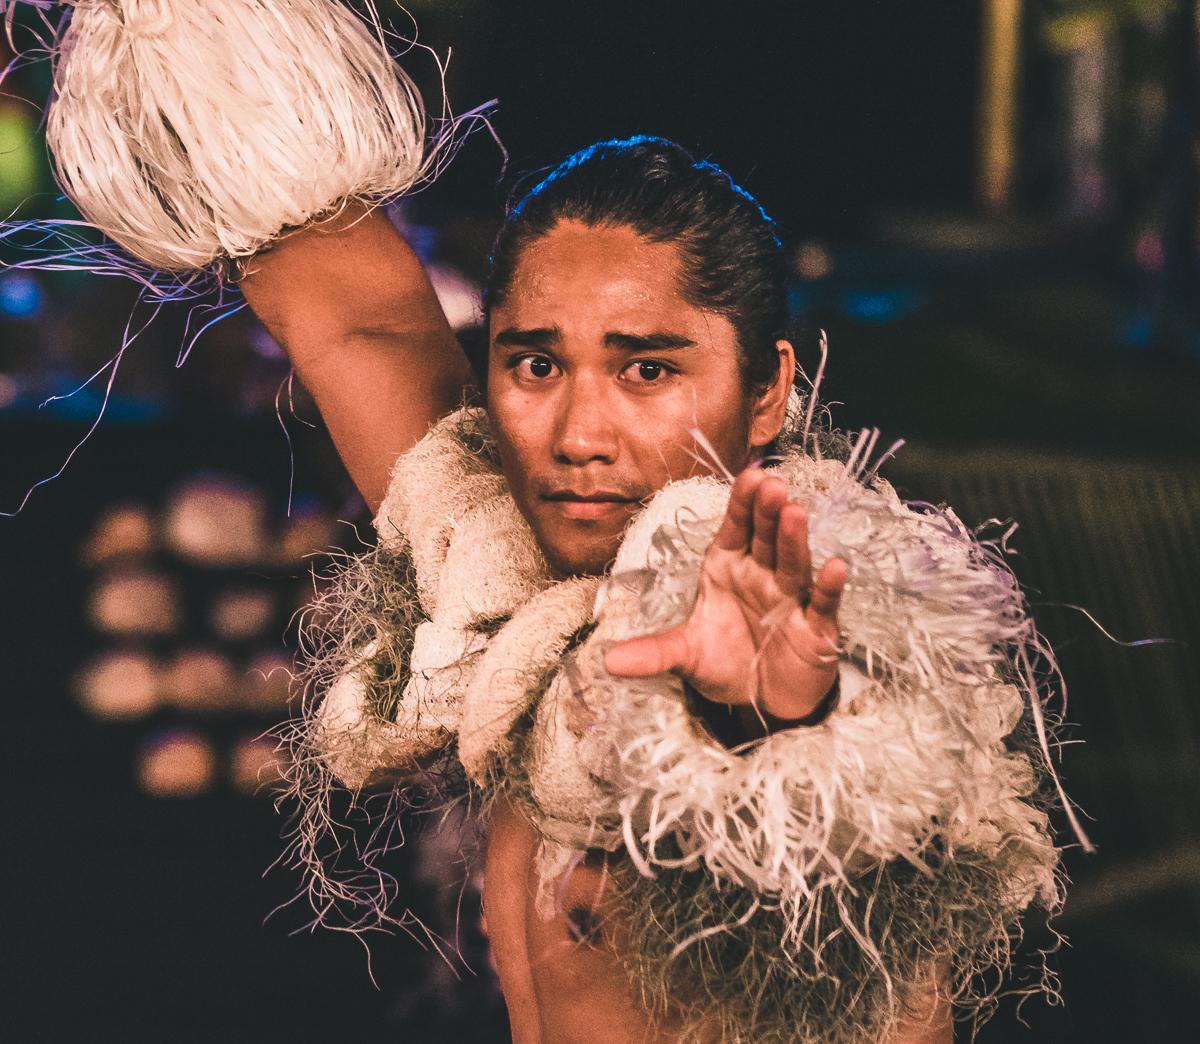 beautiful tahitian man performing cultural dance